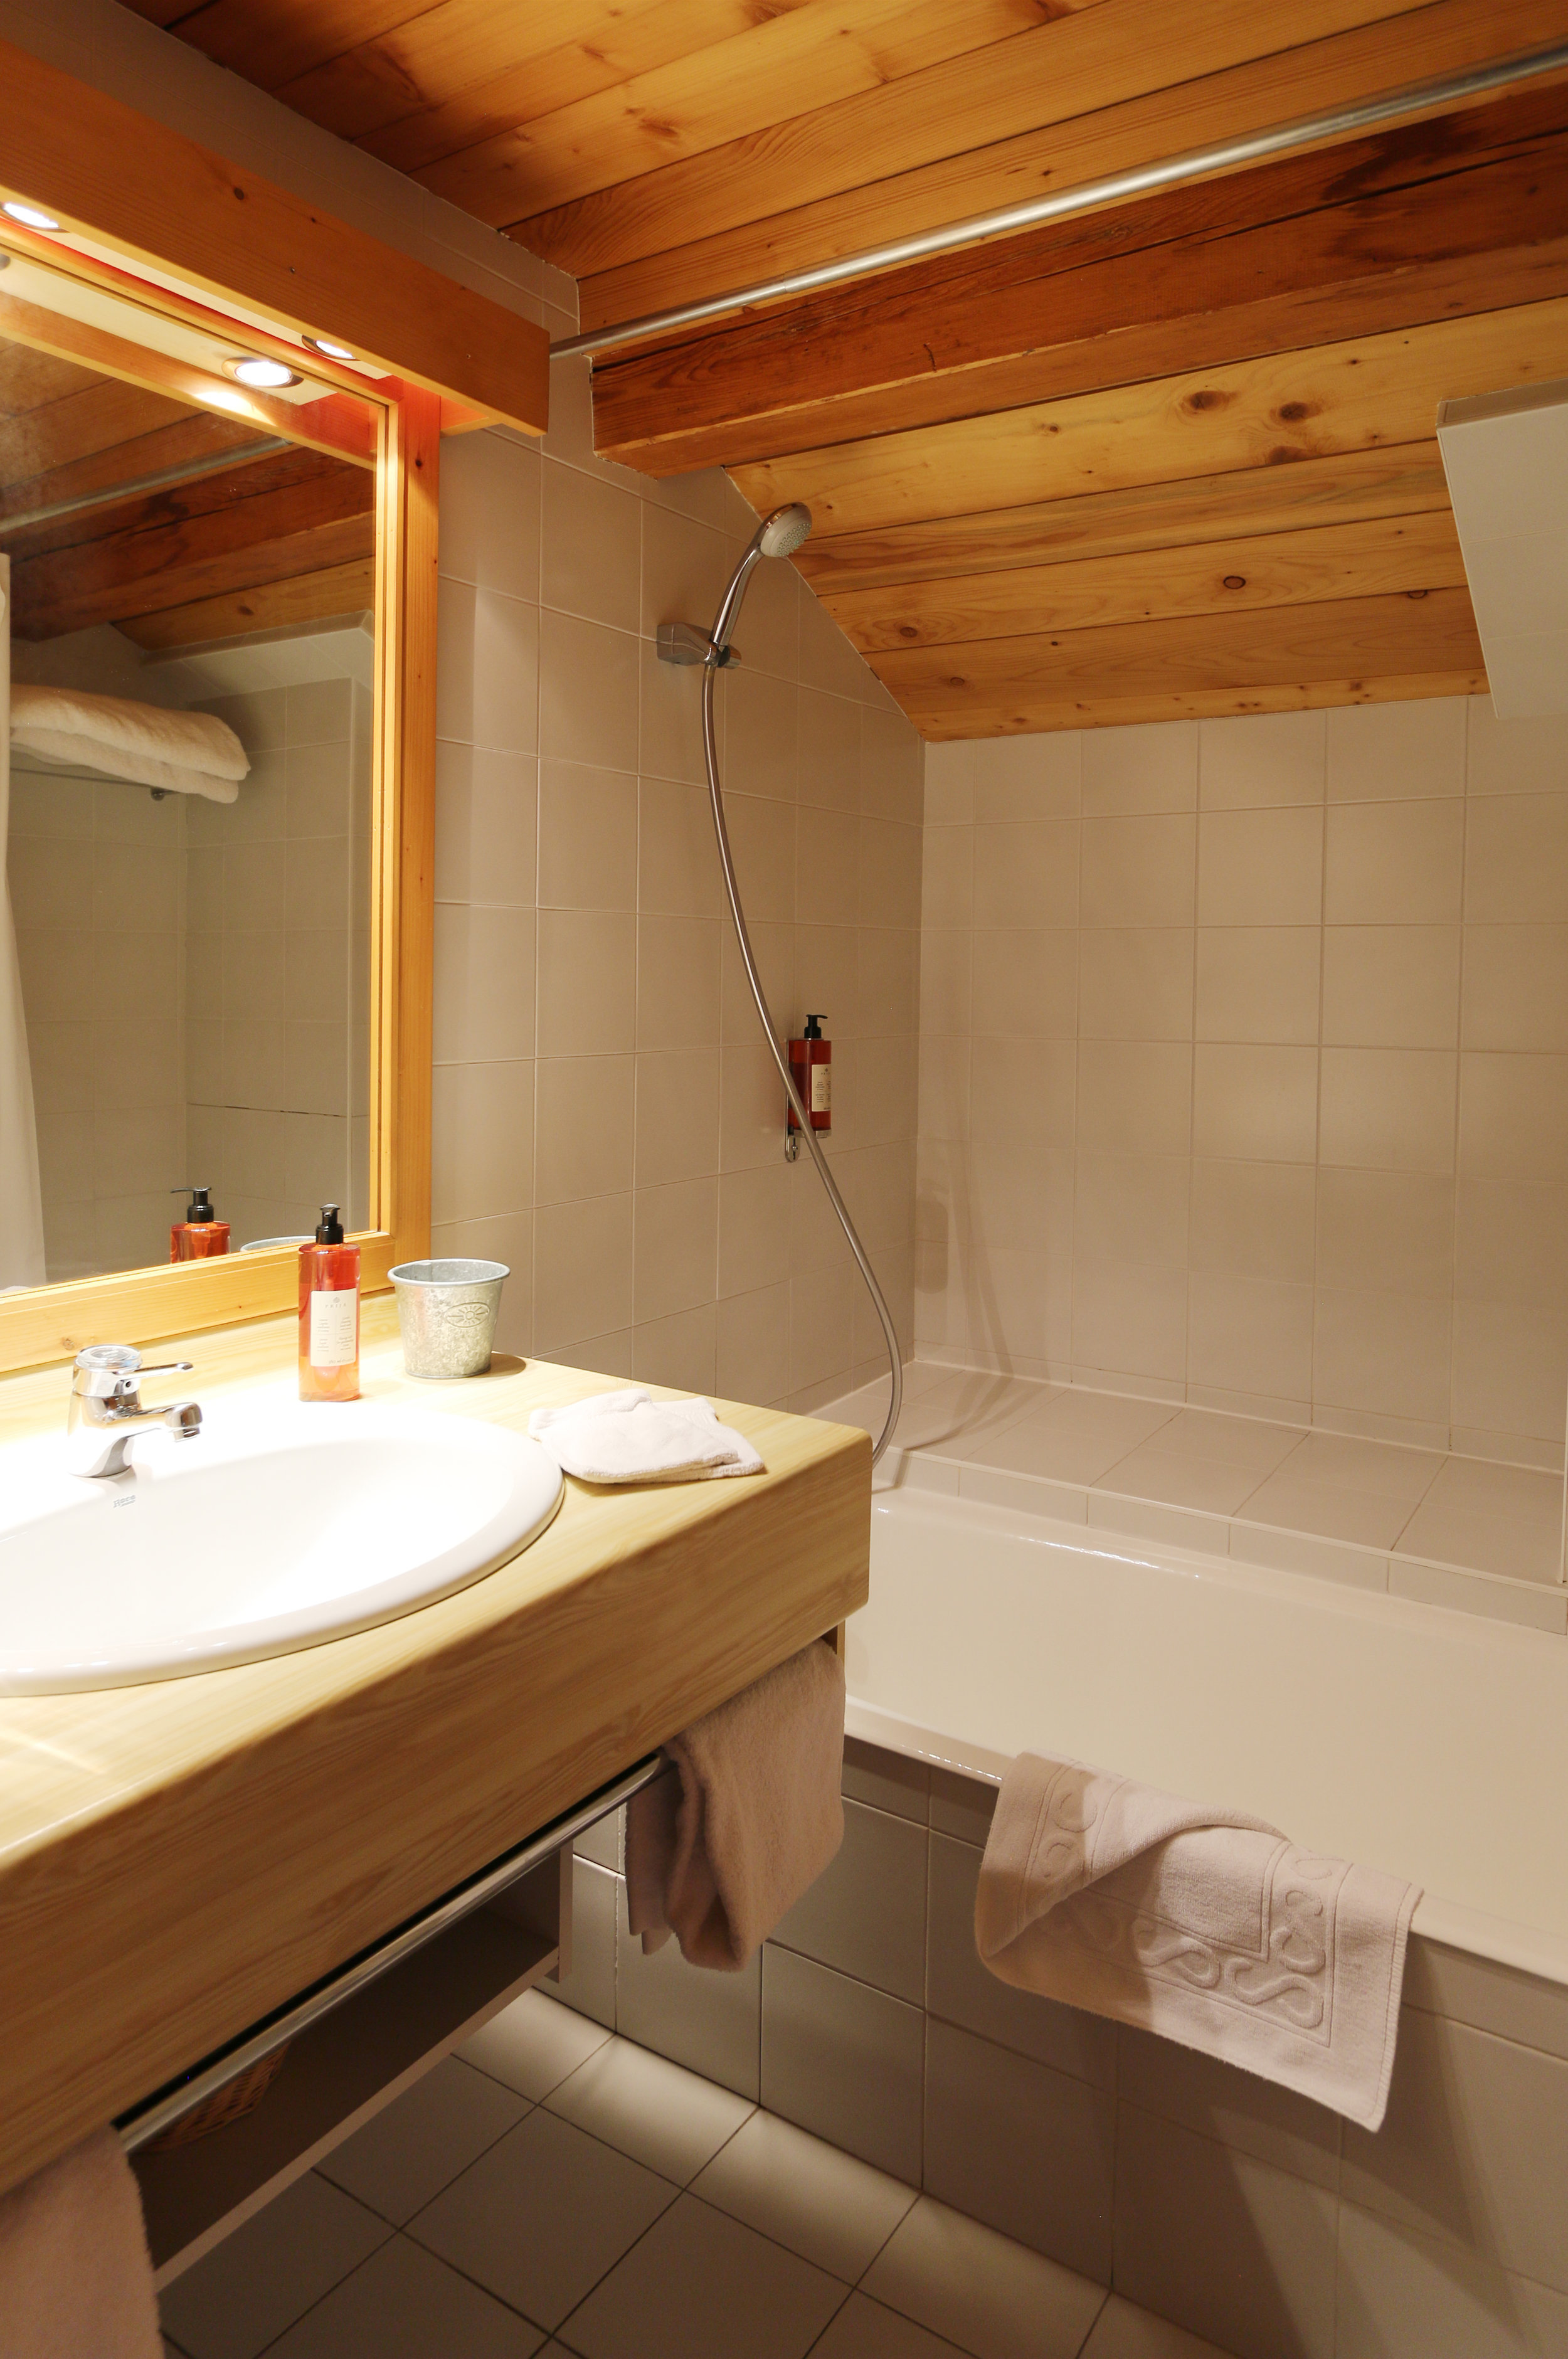 Salle de bain séparée des toilettes